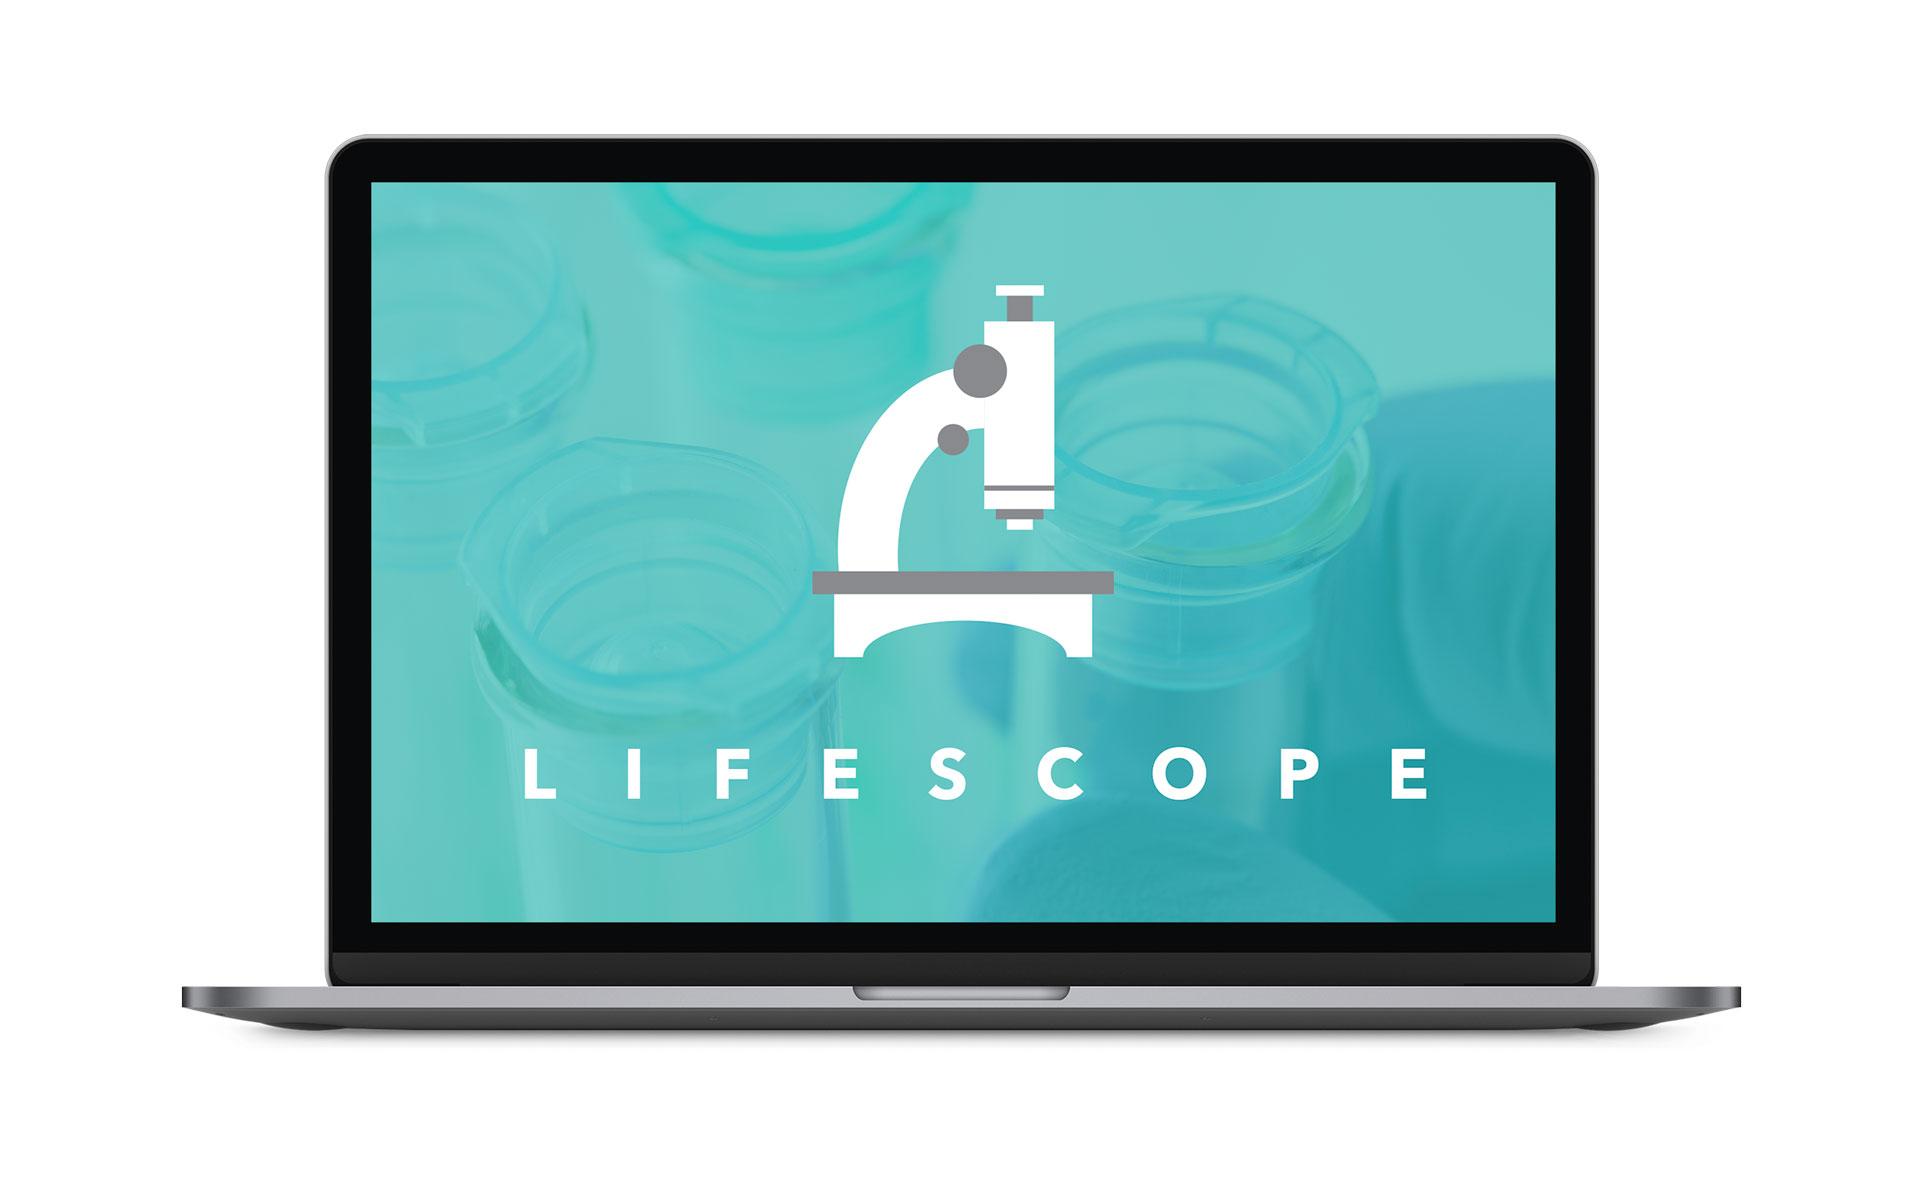 lifescope-macbook.jpg